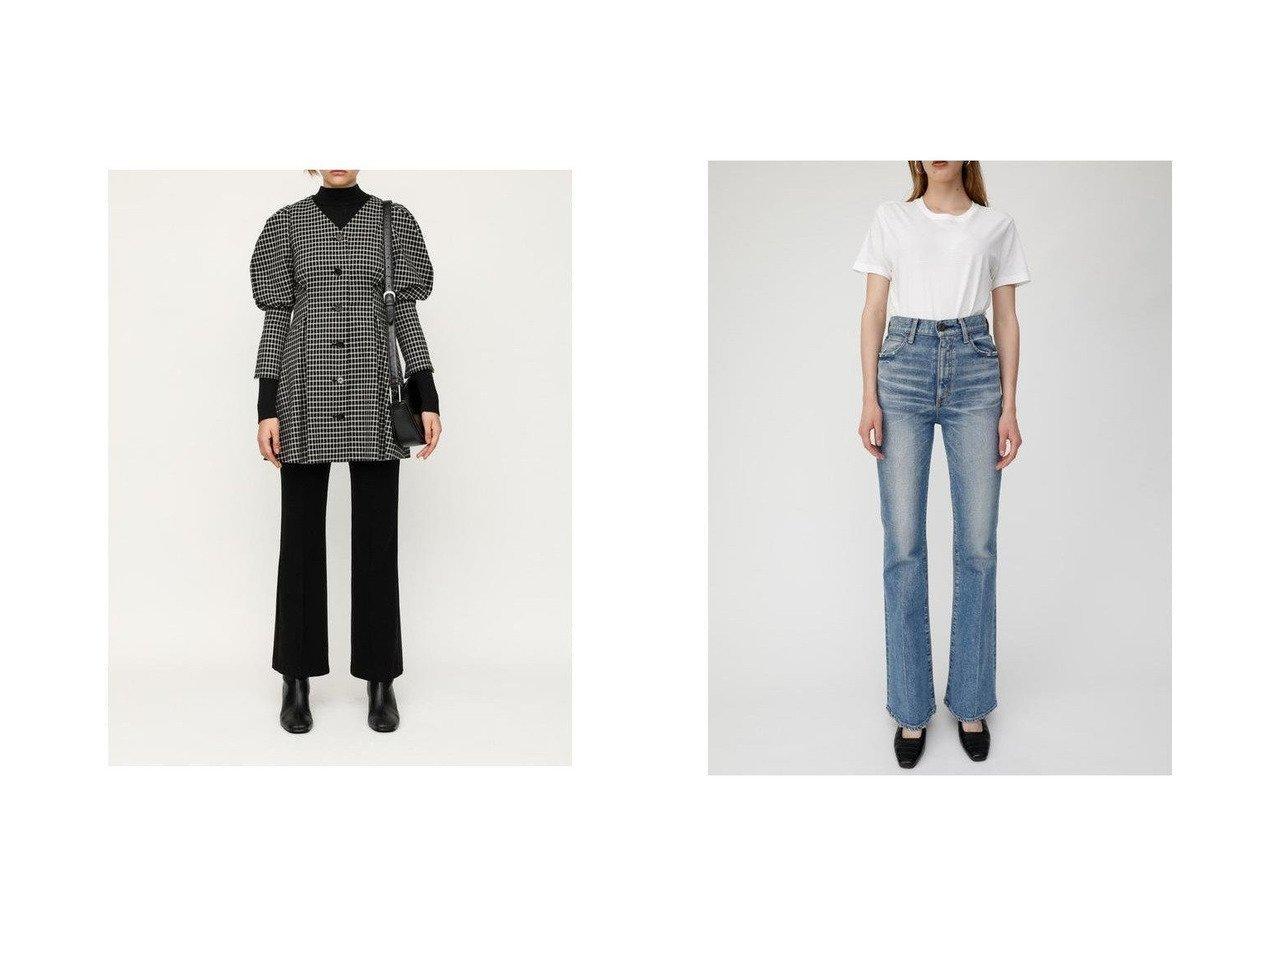 【moussy/マウジー】のMVS FLARE&【SLY/スライ】のMANISH FLARE パンツ パンツのおすすめ!人気、トレンド・レディースファッションの通販  おすすめで人気の流行・トレンド、ファッションの通販商品 メンズファッション・キッズファッション・インテリア・家具・レディースファッション・服の通販 founy(ファニー) https://founy.com/ ファッション Fashion レディースファッション WOMEN パンツ Pants デニムパンツ Denim Pants ストレッチ フレア 再入荷 Restock/Back in Stock/Re Arrival 冬 Winter コンパクト ジップアップ ダメージ デニム ポケット |ID:crp329100000018896